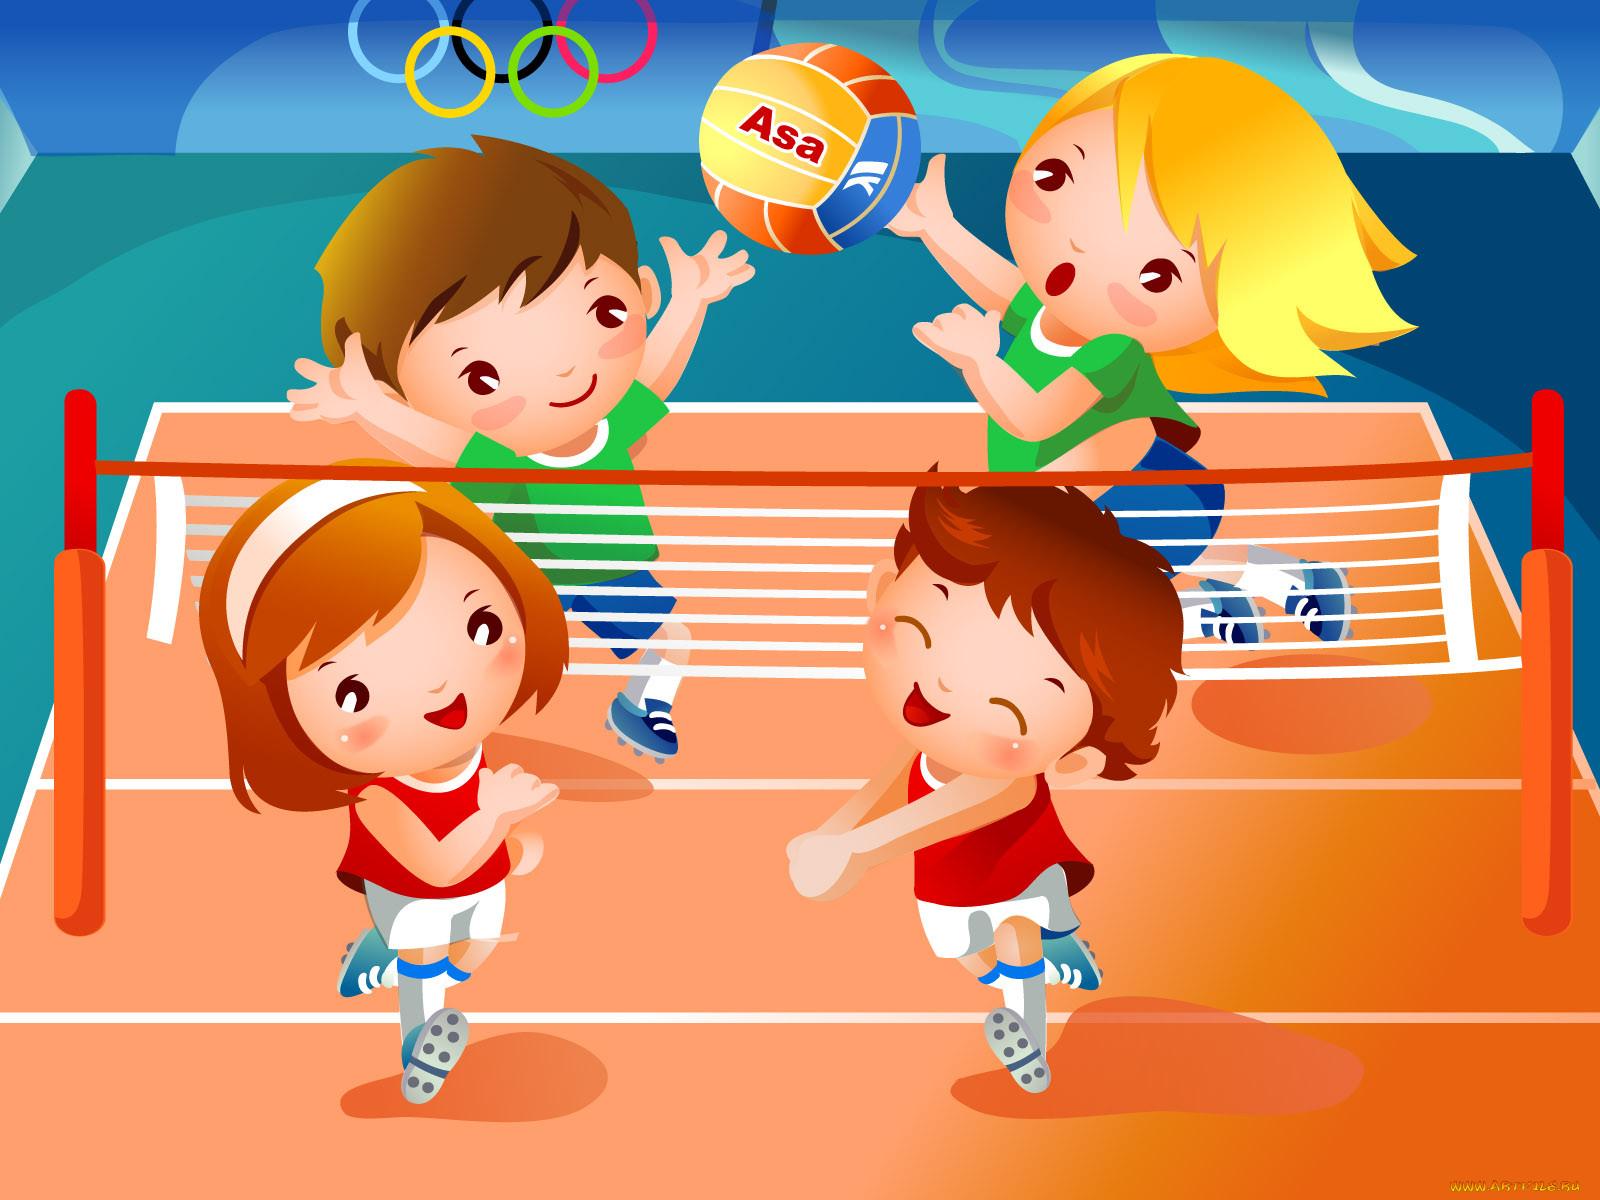 Веселые детские картинки о спорте